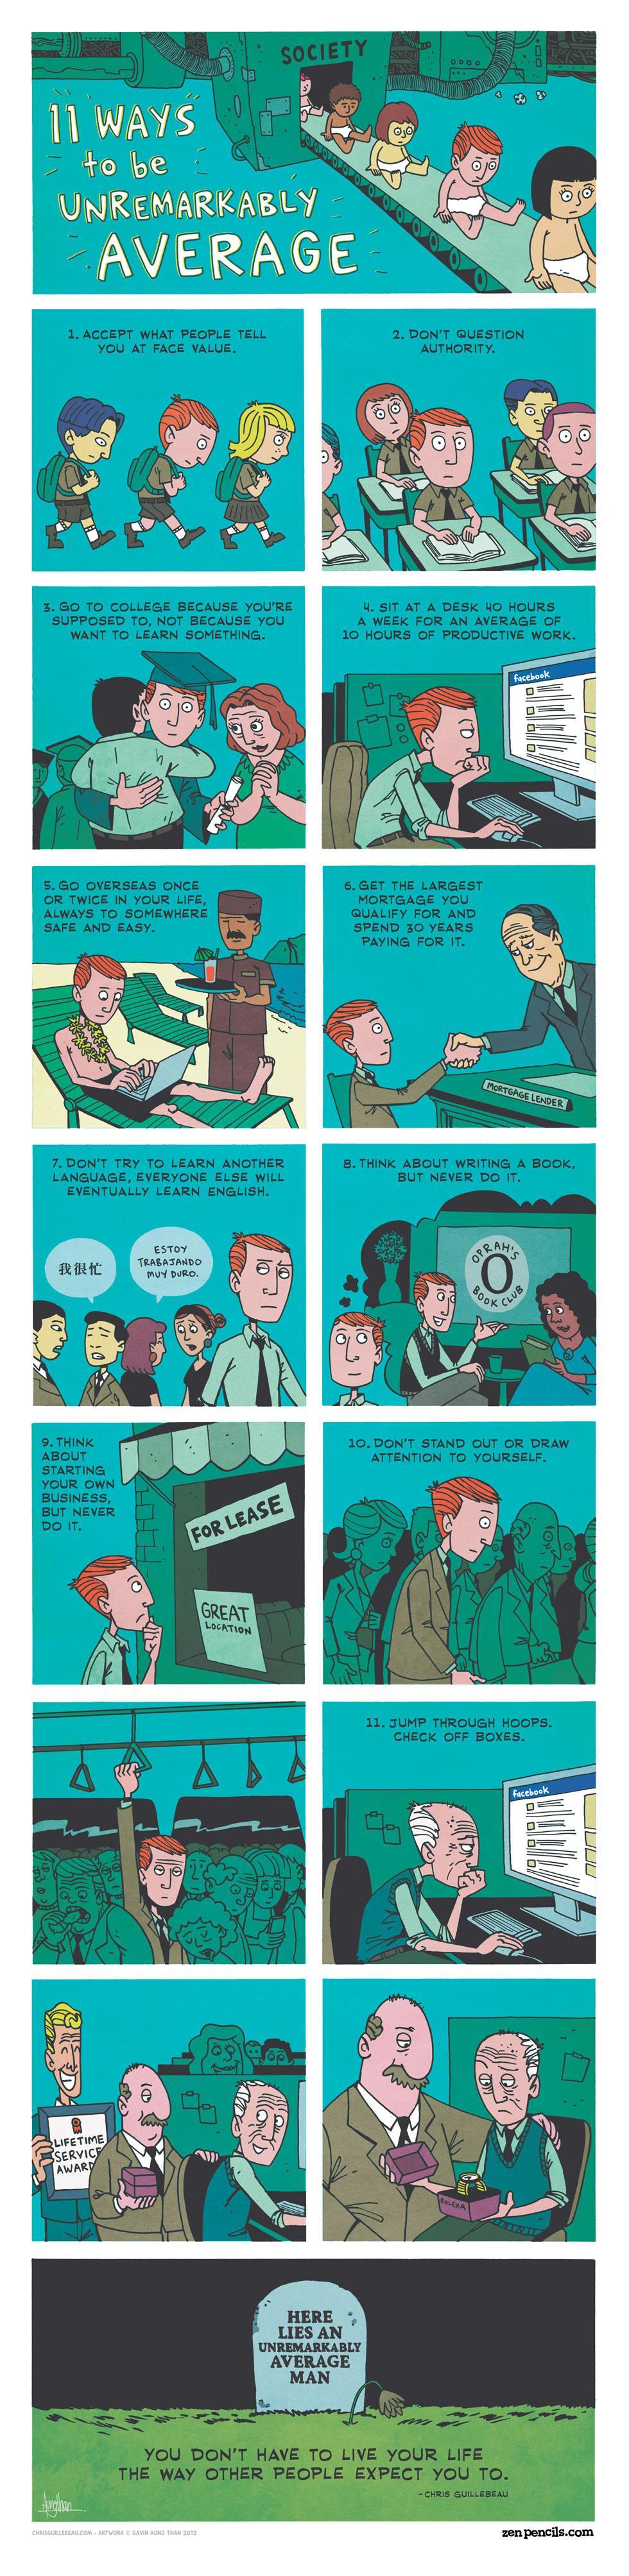 http://zenpencils.com/comics/2012-11-13-chrisg.jpg